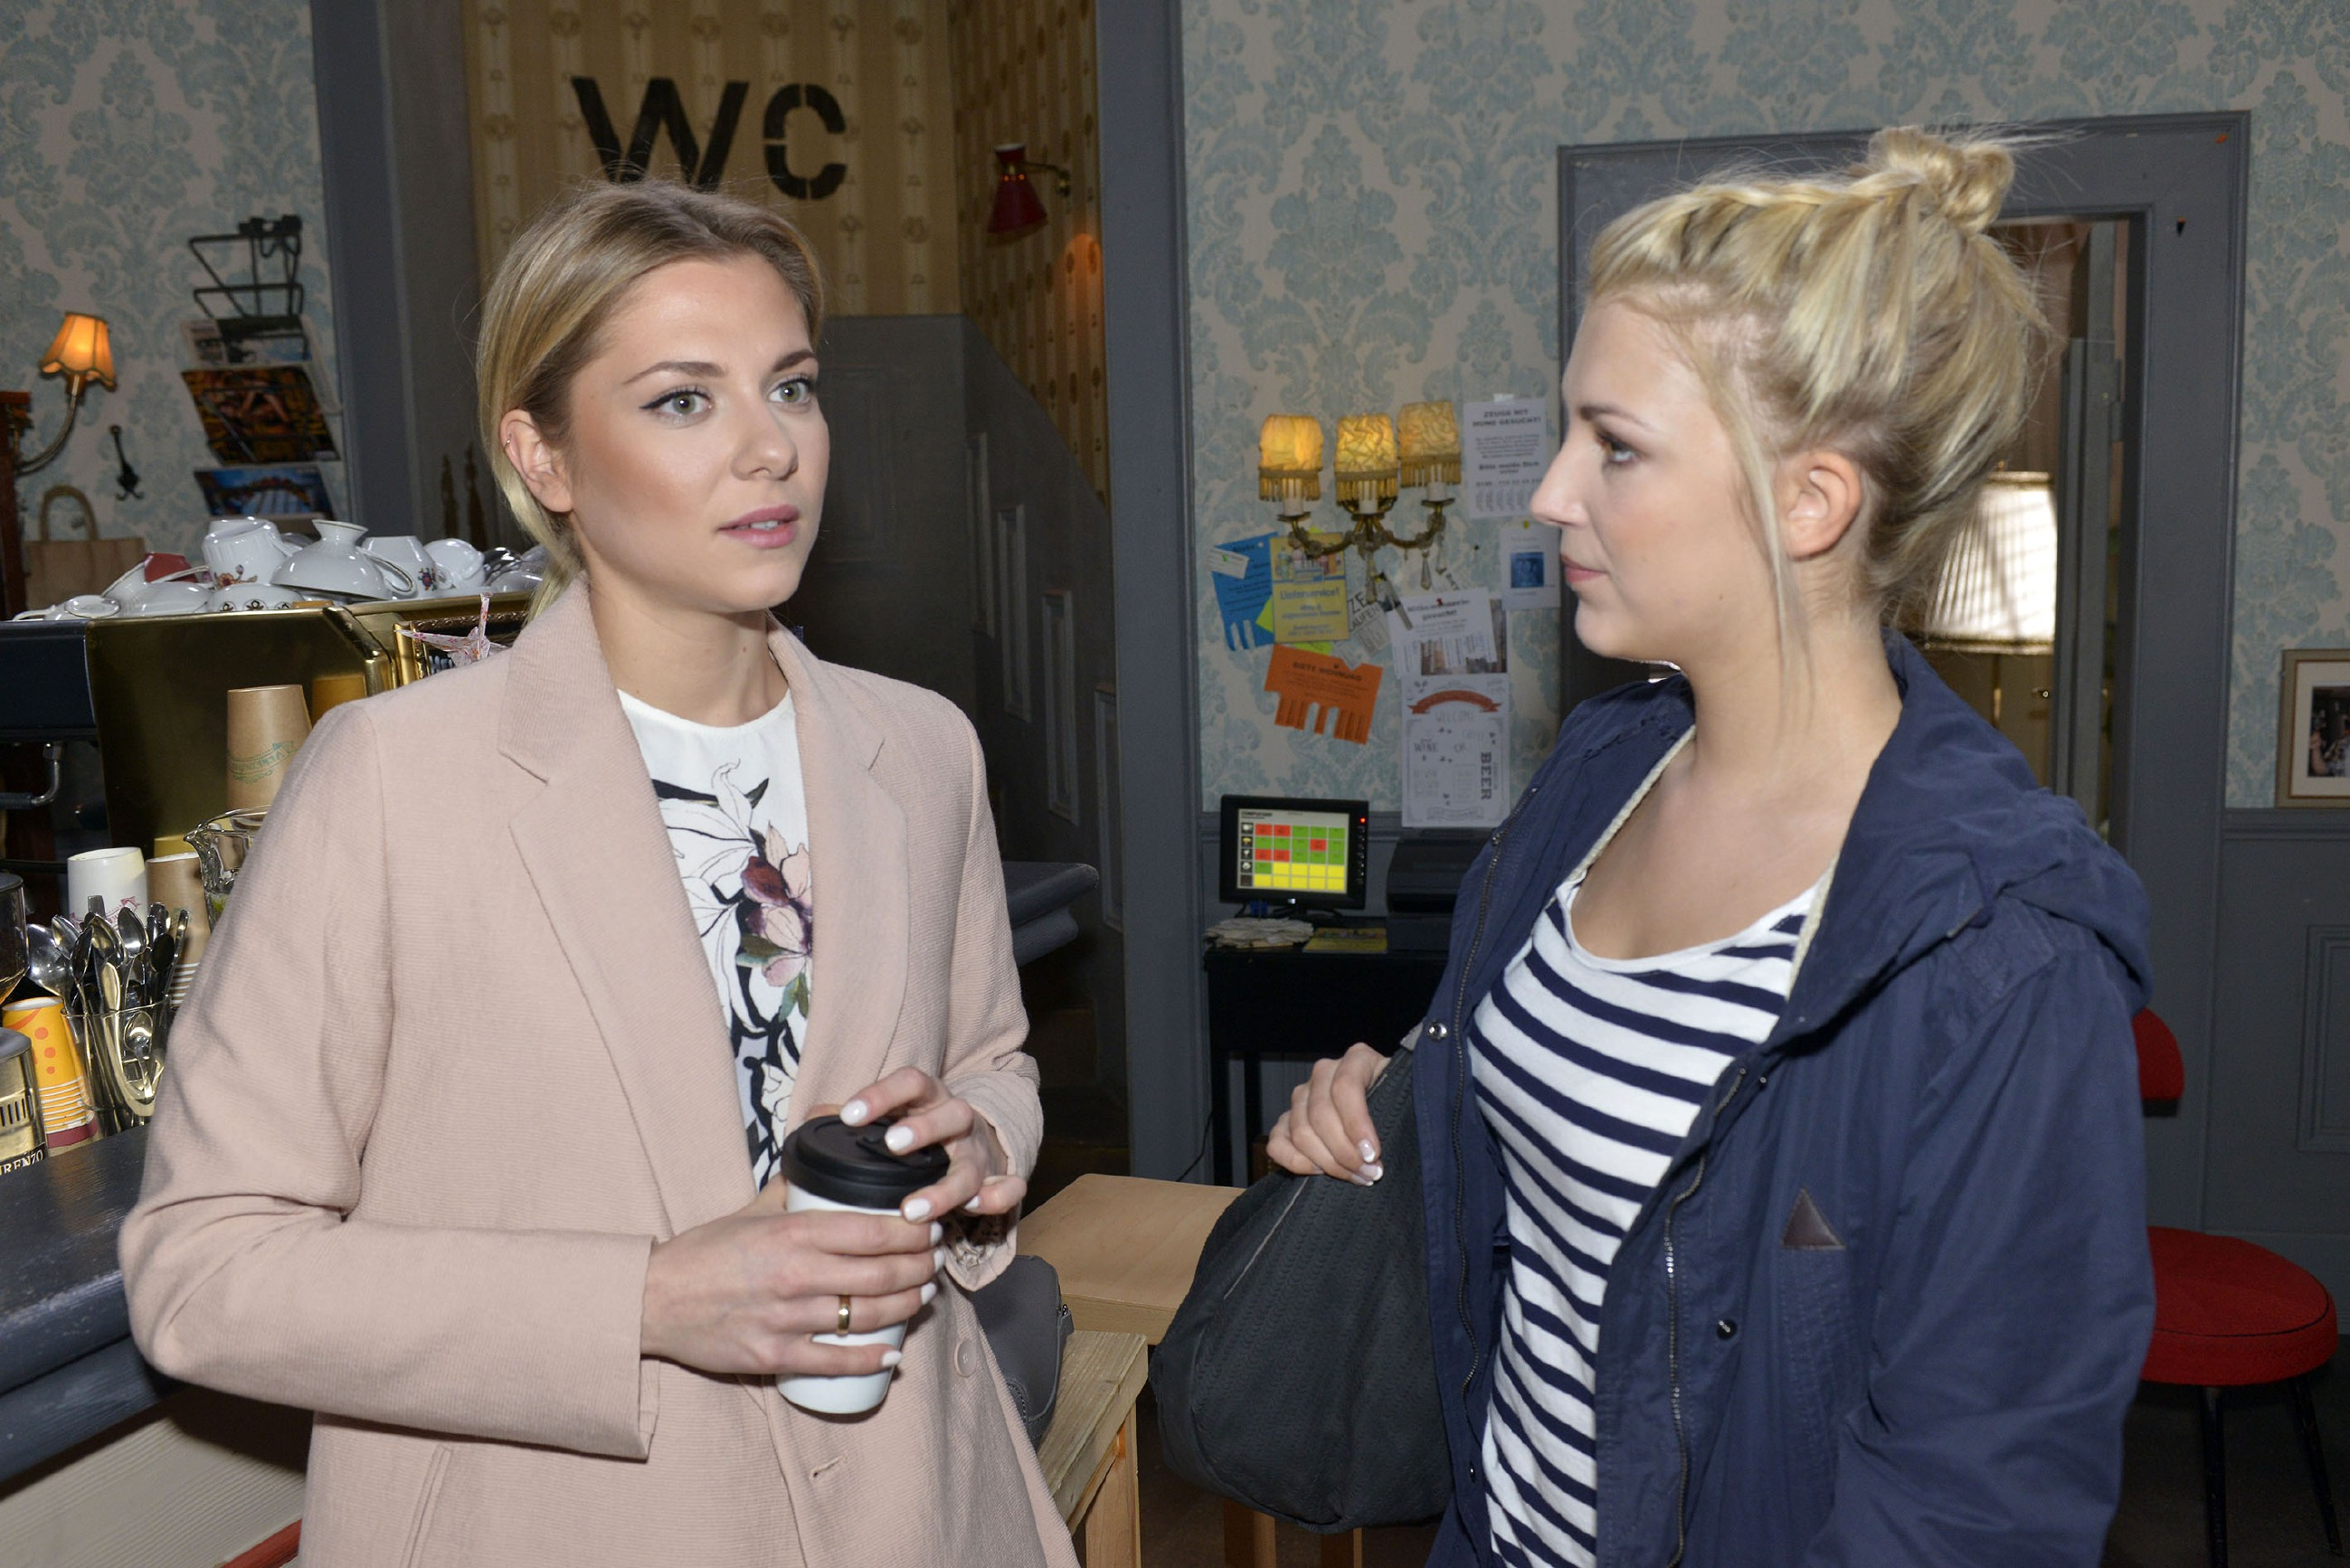 Noch glauben Lilly (Iris Mareike Steen, r.) und Sunny (Valentina Pahde), dass Chris in guten Händen ist und sich auf dem Weg der Besserung befindet. (Quelle: RTL / Rolf Baumgartner)